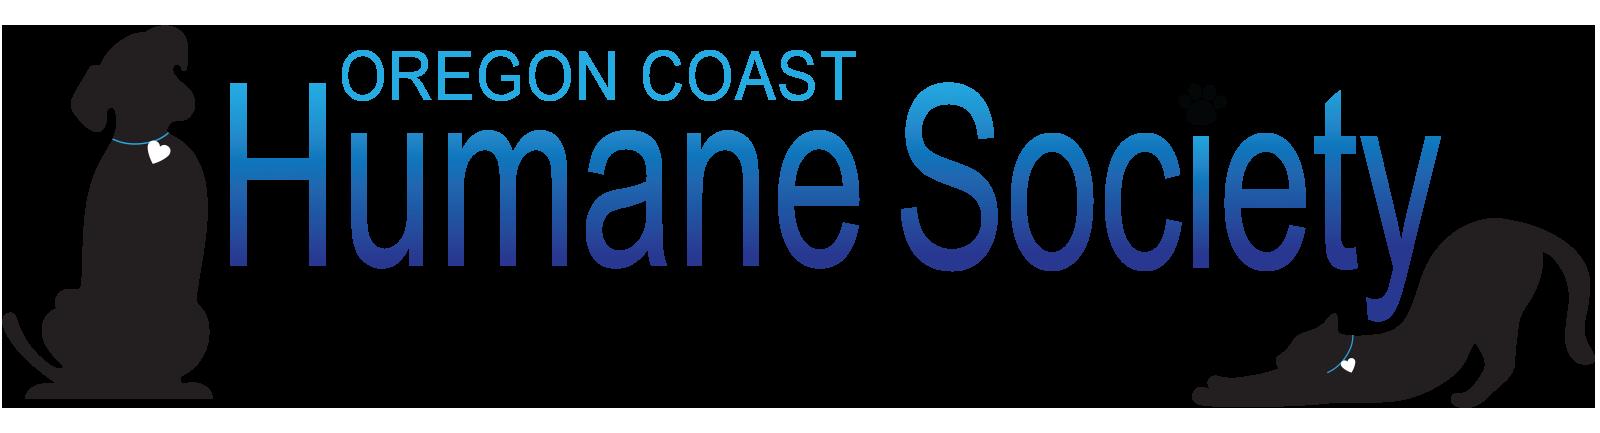 Oregon Coast Humane Society